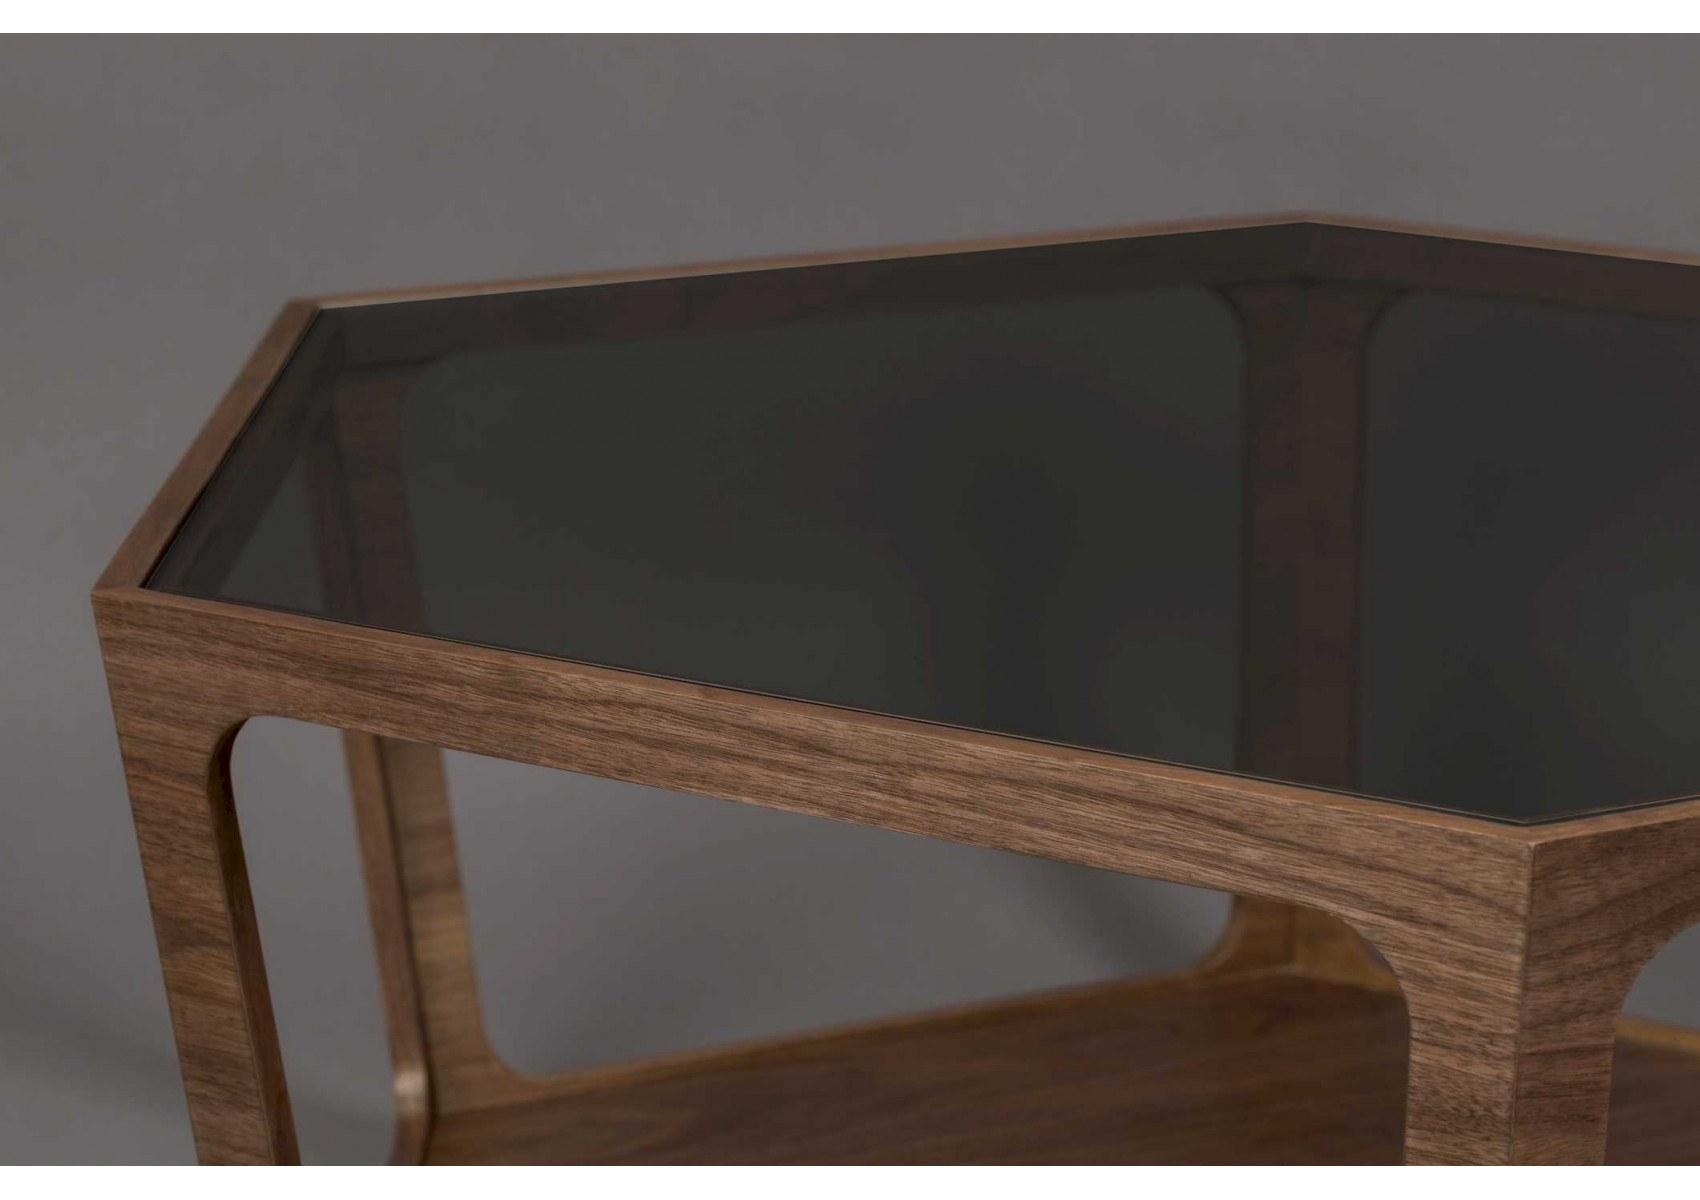 Table Basse Hexagonale En Bois Et Verre Dutchone Sita